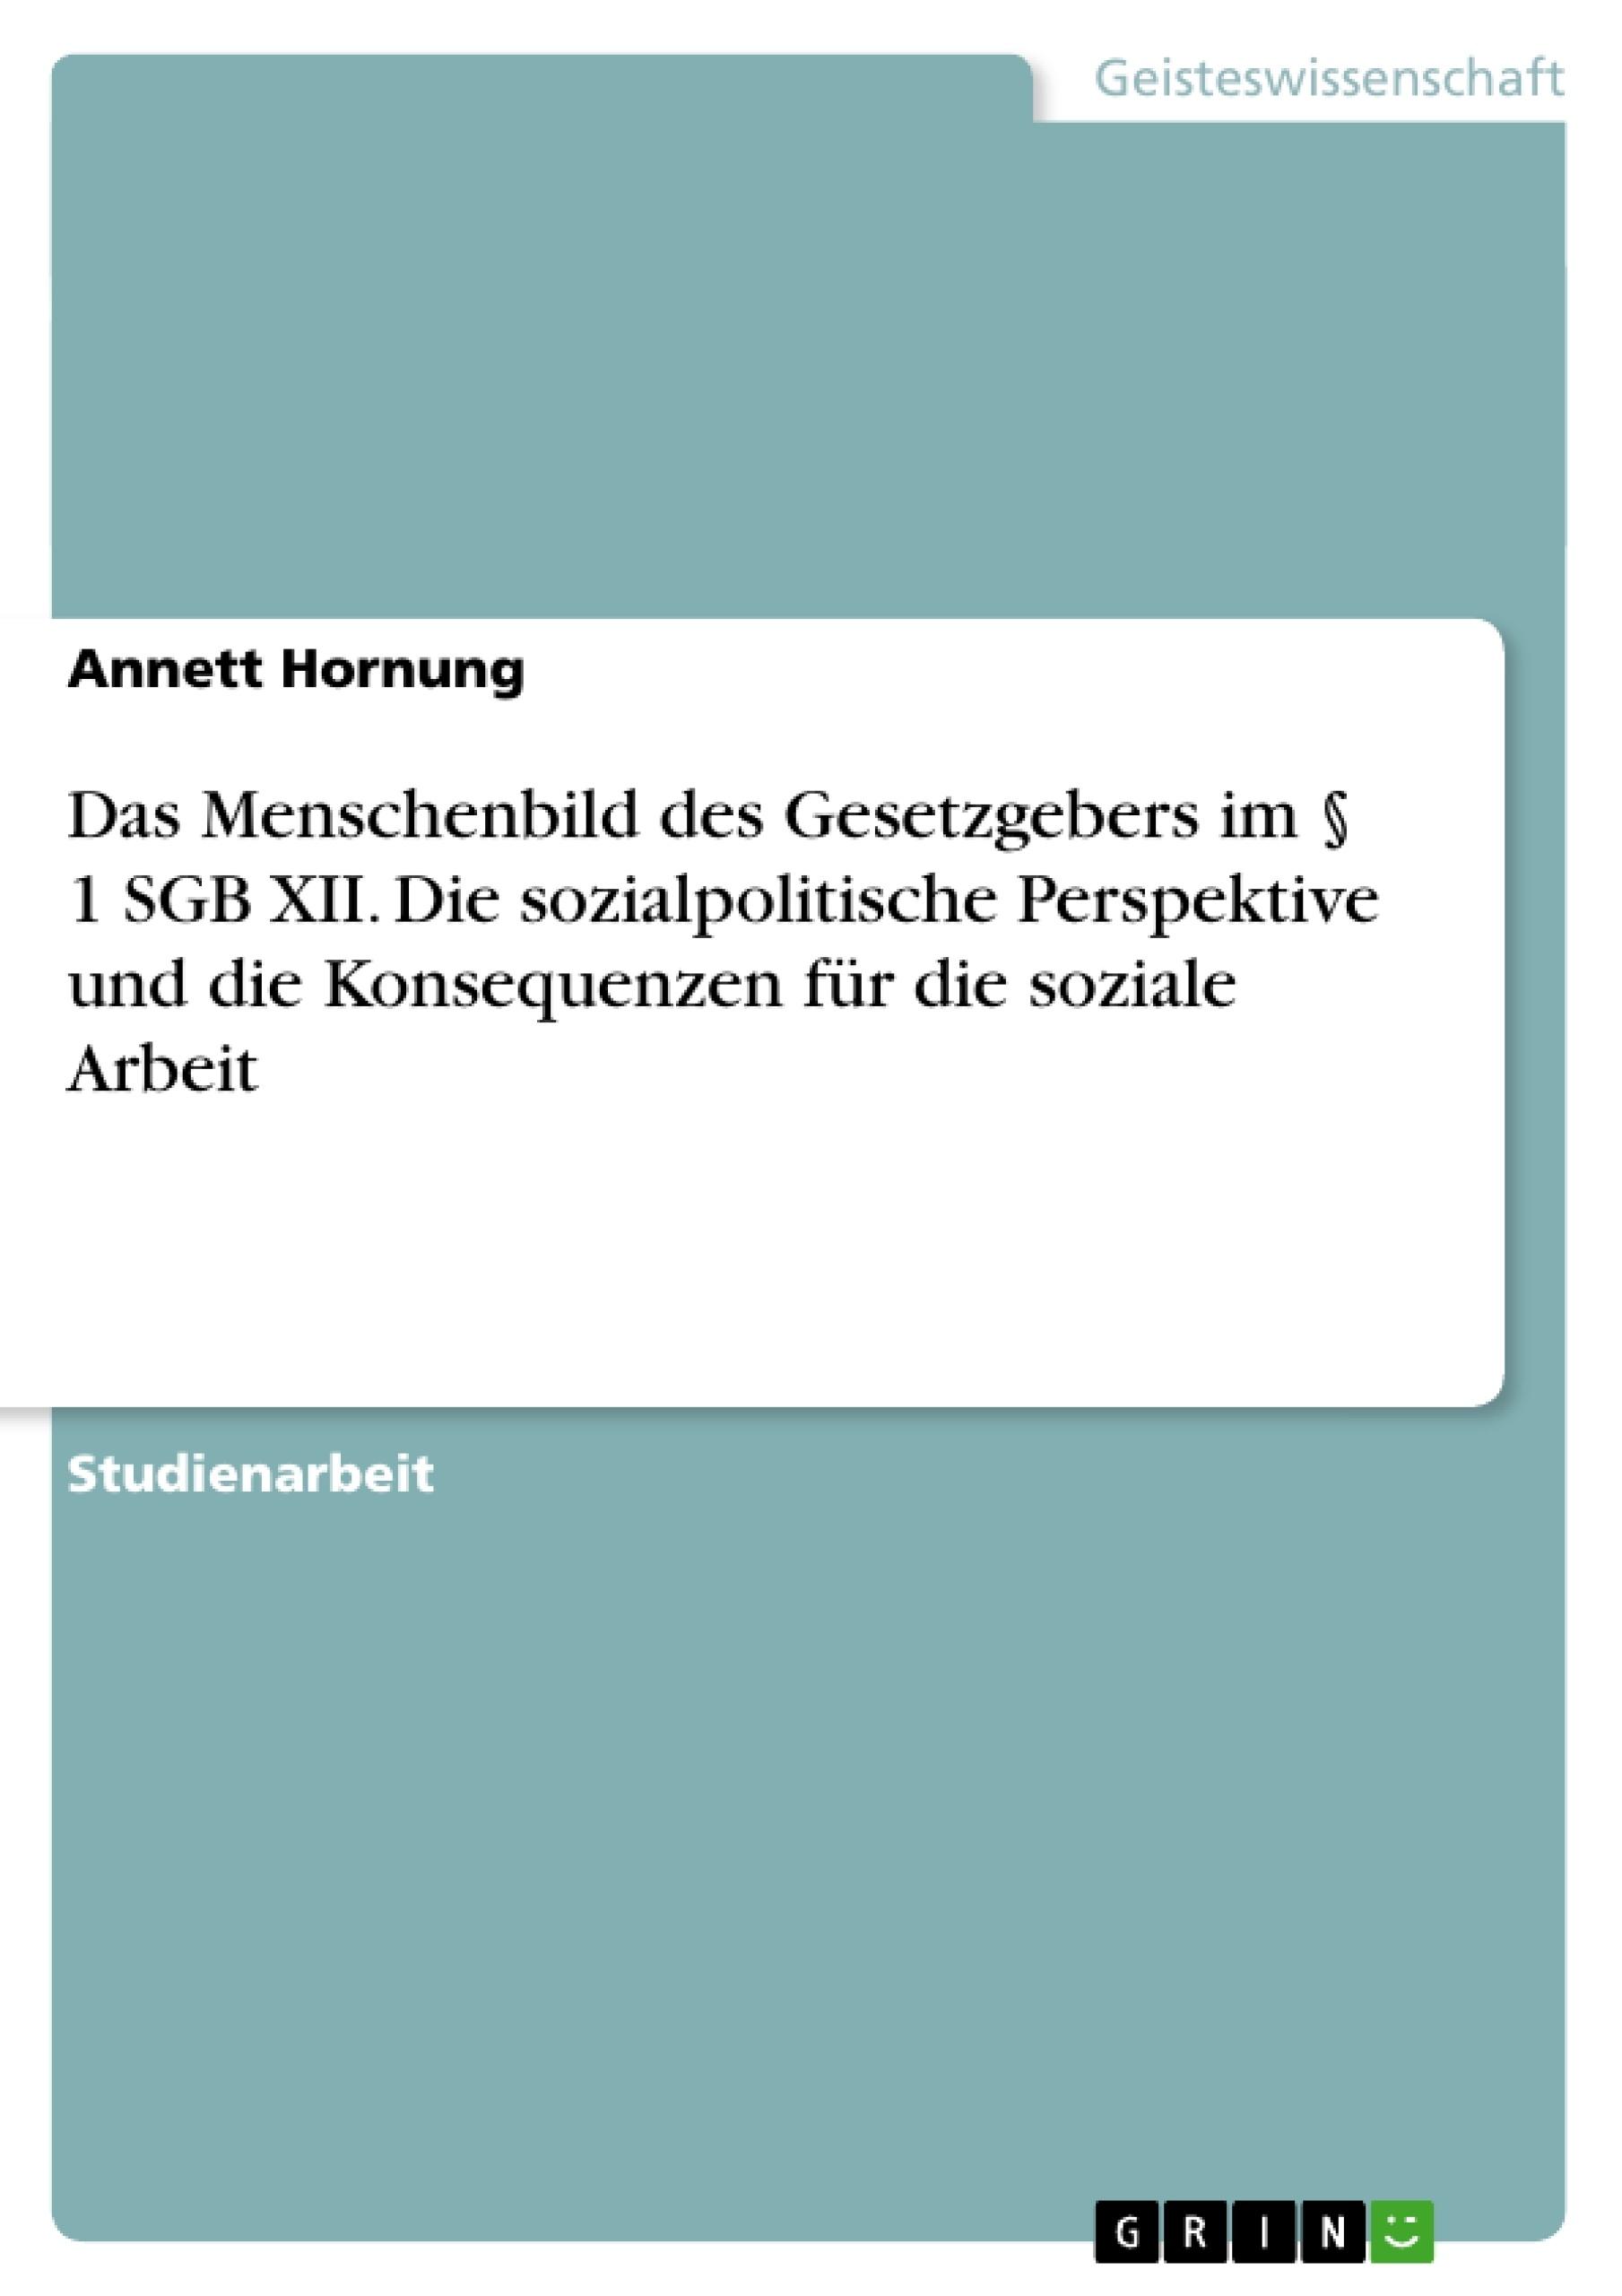 Titel: Das Menschenbild des Gesetzgebers im § 1 SGB XII. Die sozialpolitische Perspektive und die Konsequenzen für die soziale Arbeit